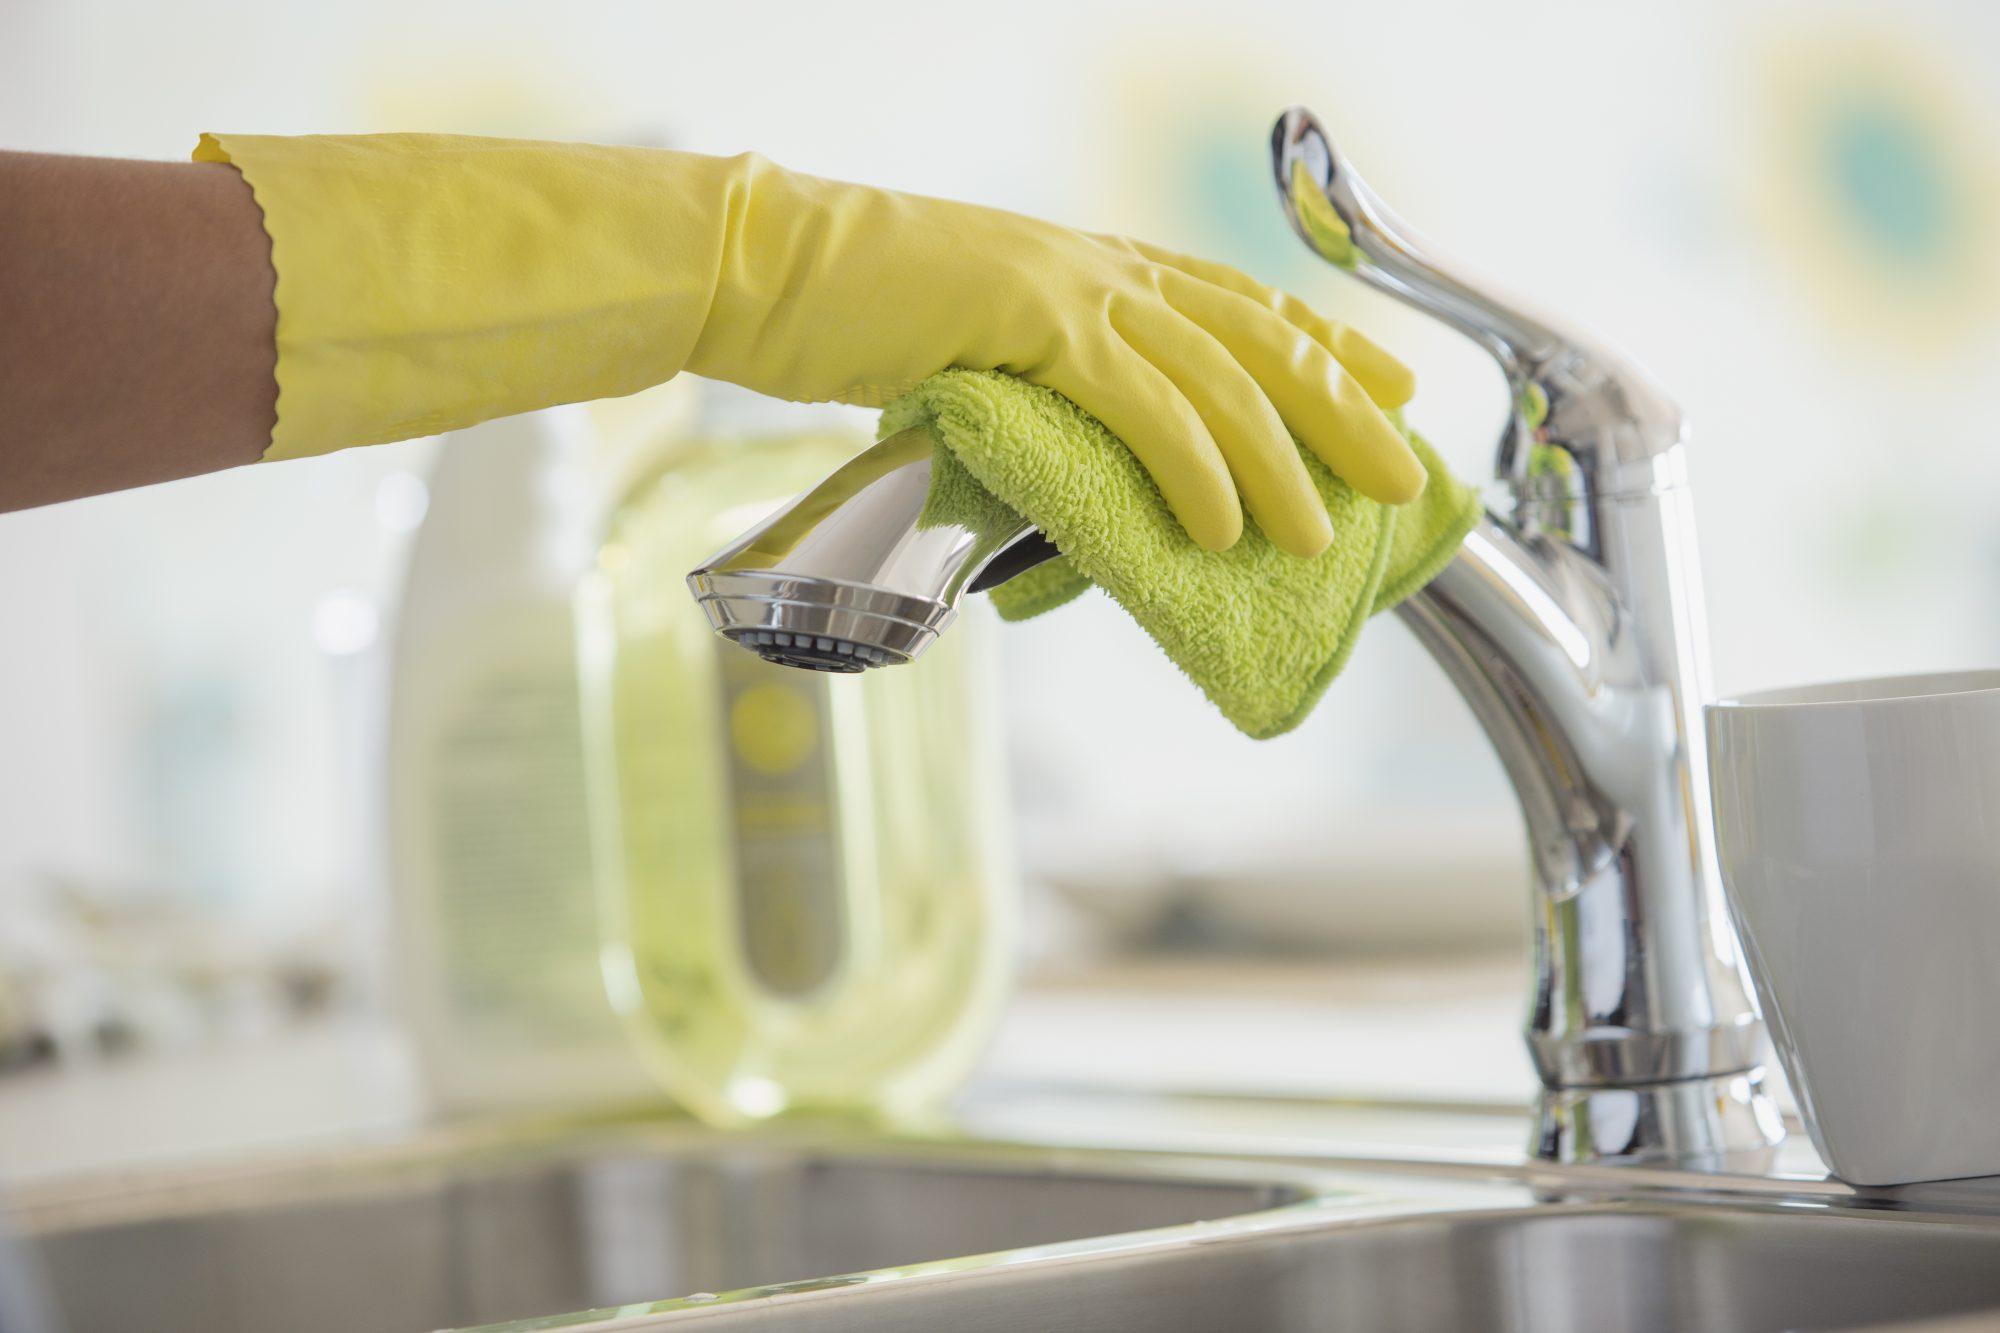 Clean Sink Image